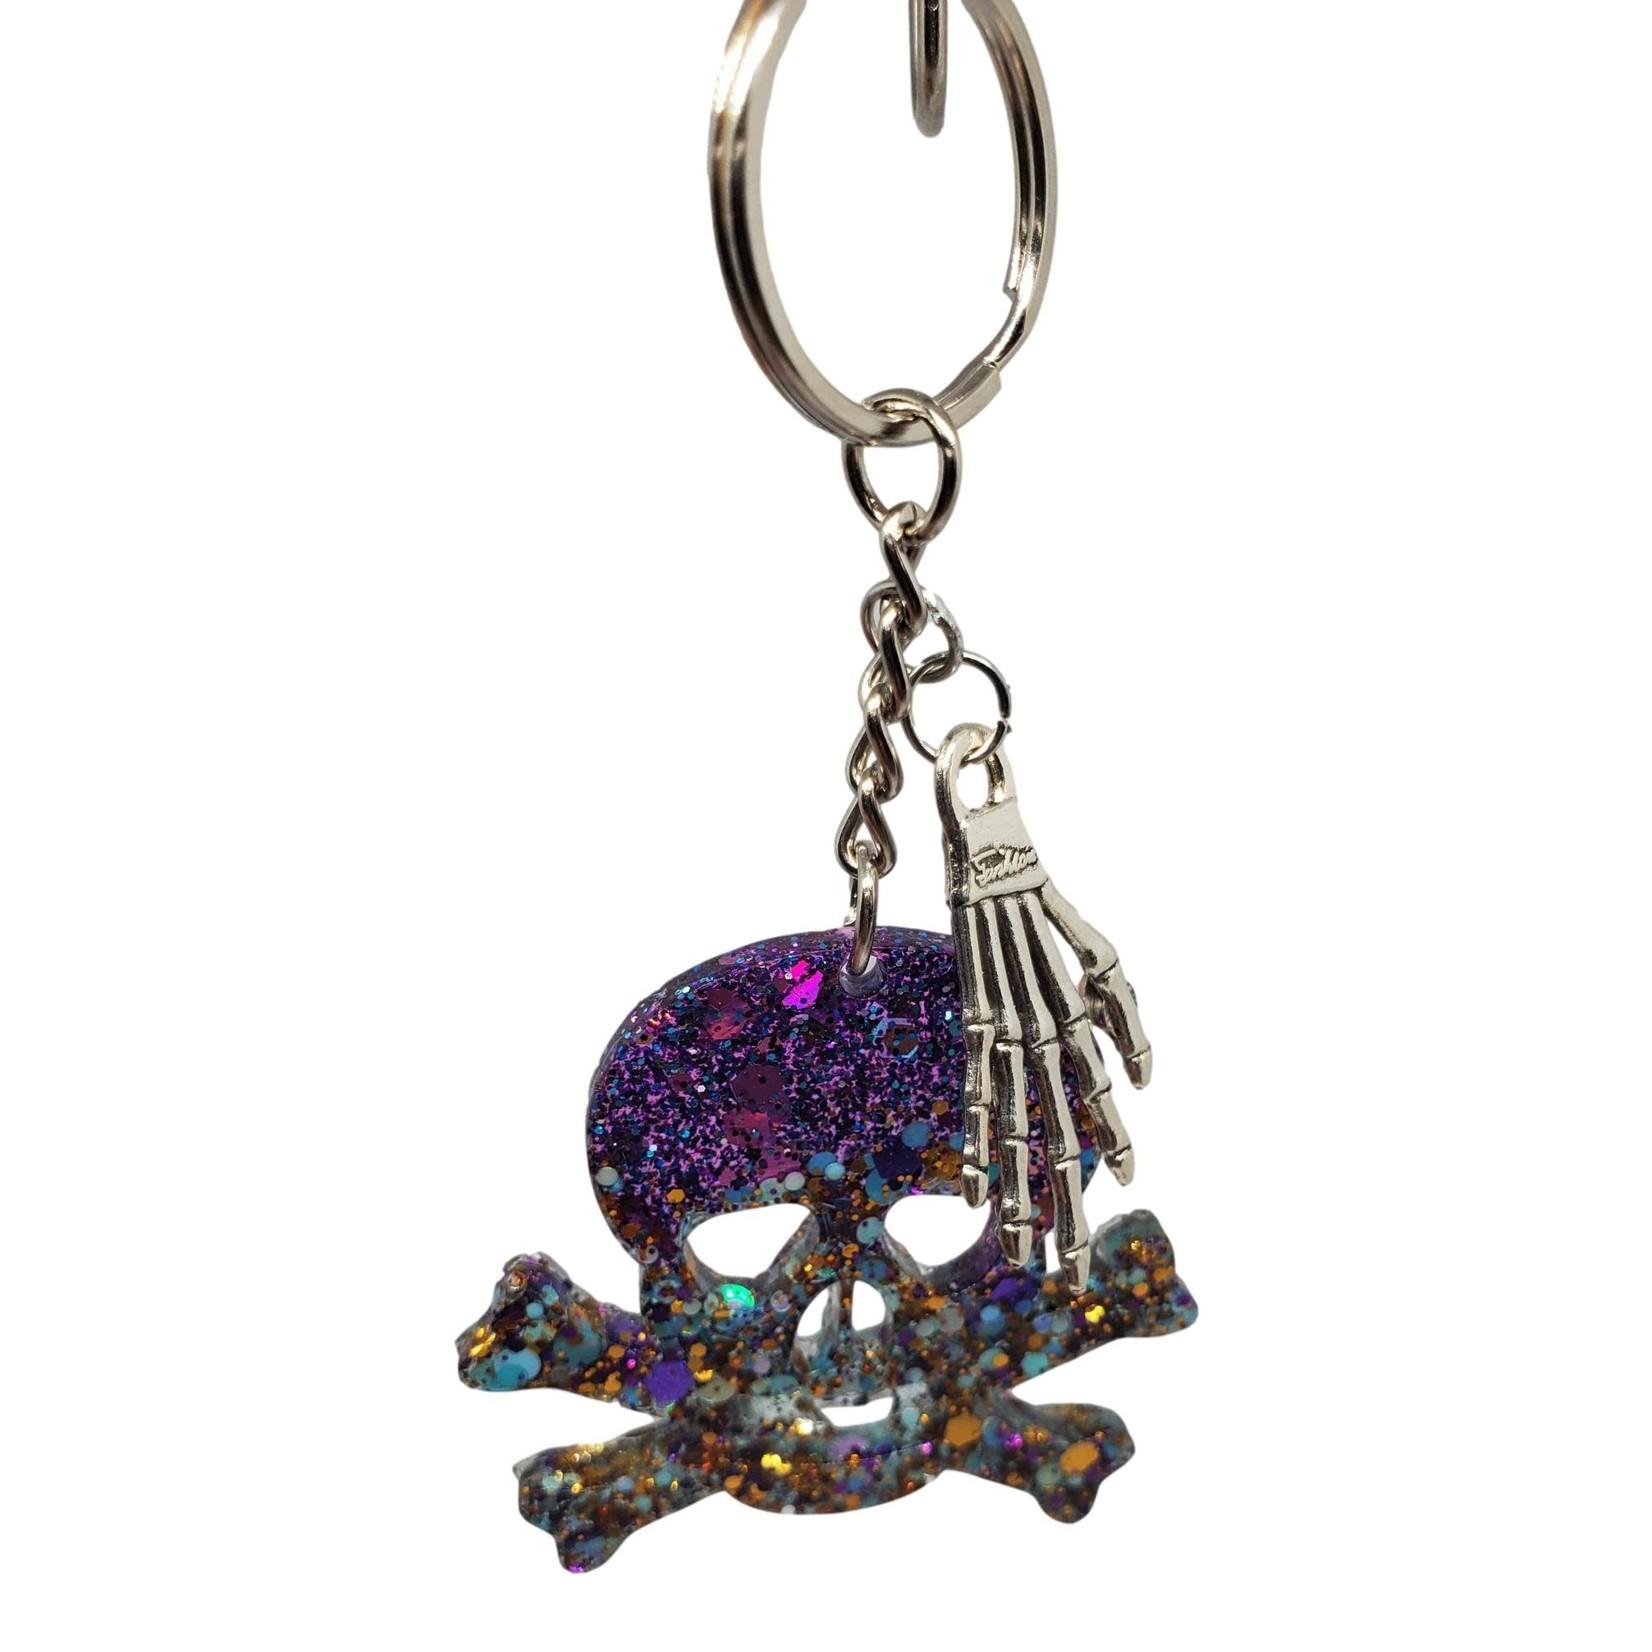 East Coast Sirens Purple Glitter Skull & Crossbones Keychain